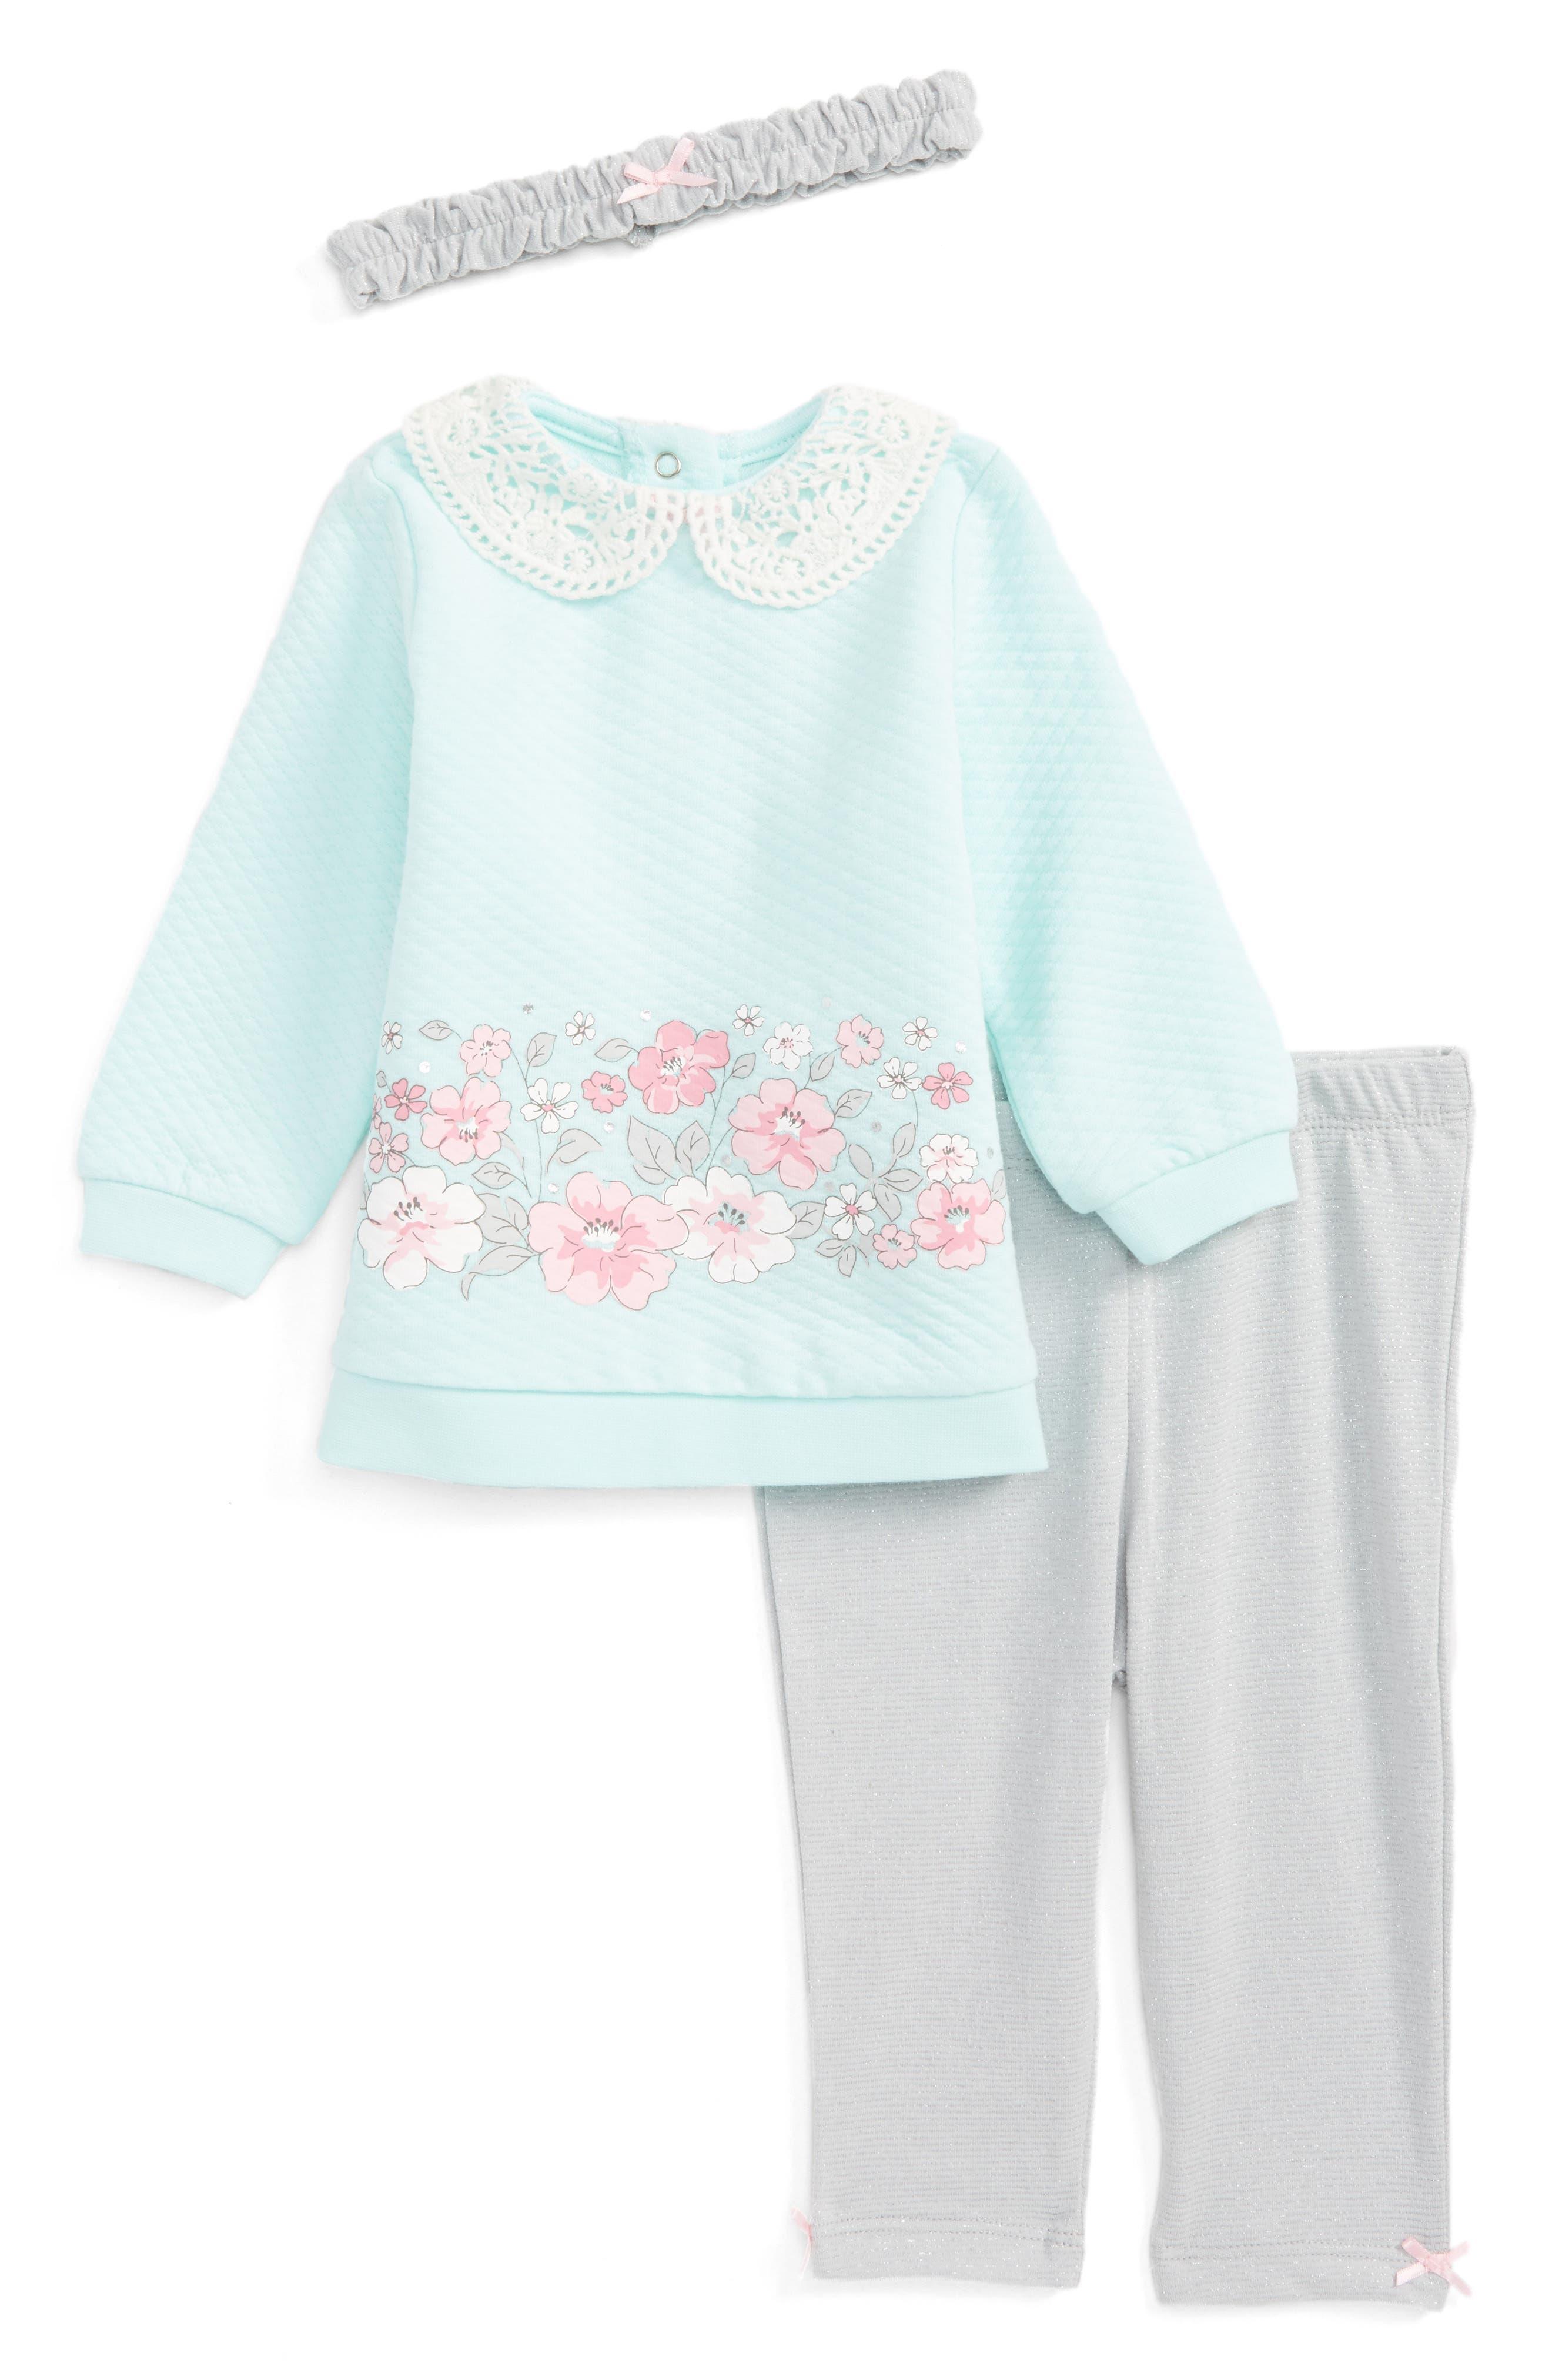 Little Me Blossoms Tunic, Leggings & Headband Set (Baby Girls)